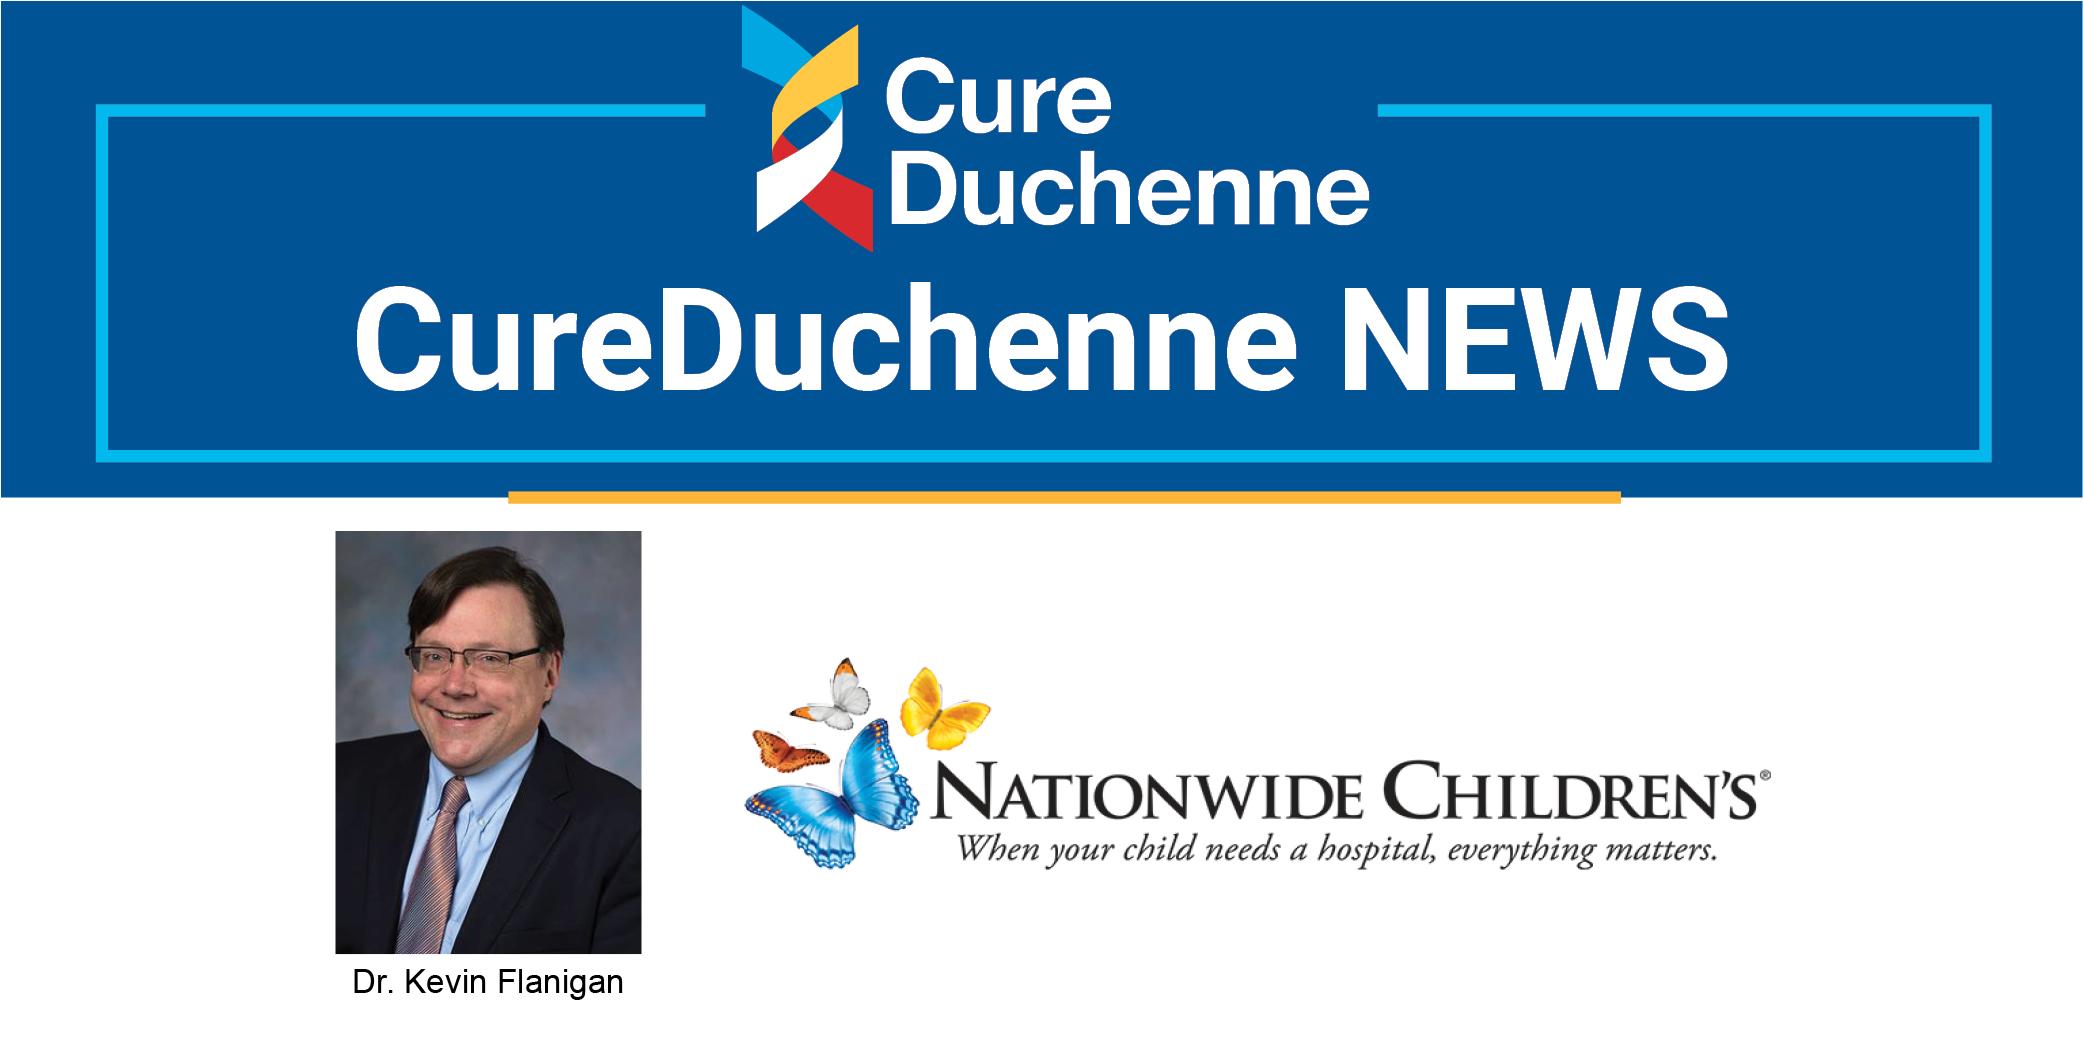 blog-news-header-image-nationwide-childrens-dr-flanigan